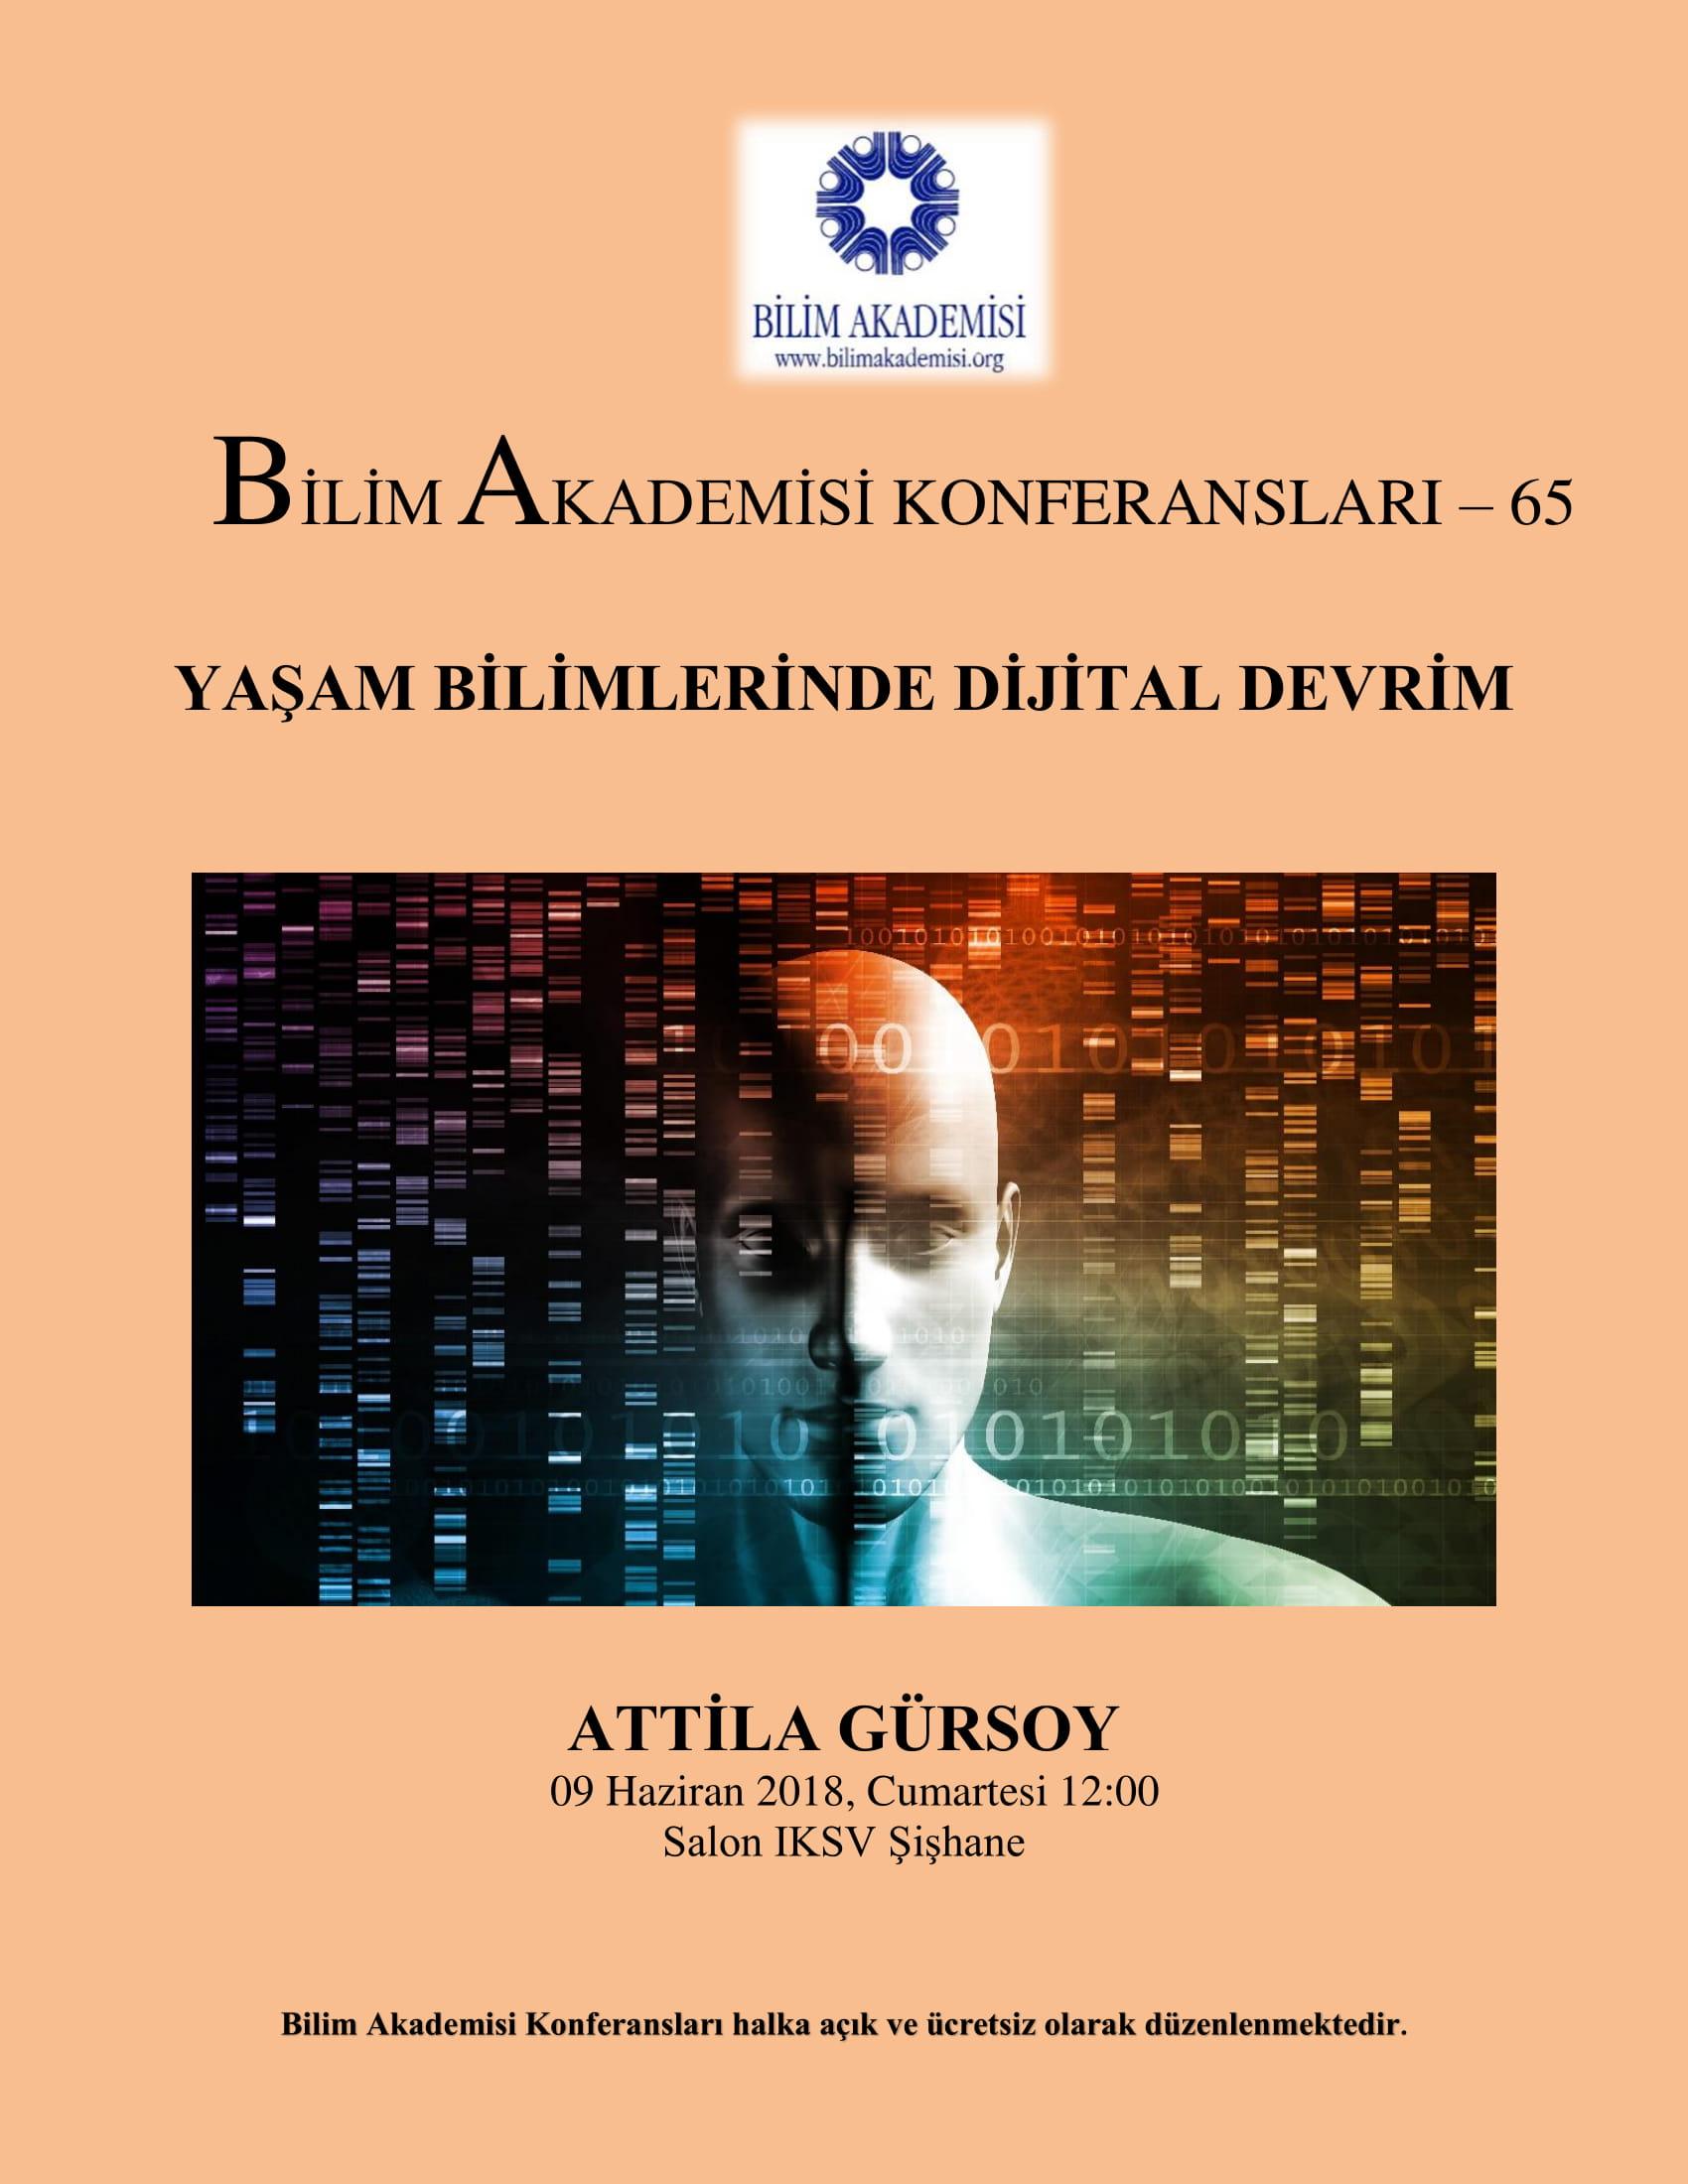 Yaşam Bilimlerinde Dijital Devrim - Konuşmacı : Attila Gürsoy